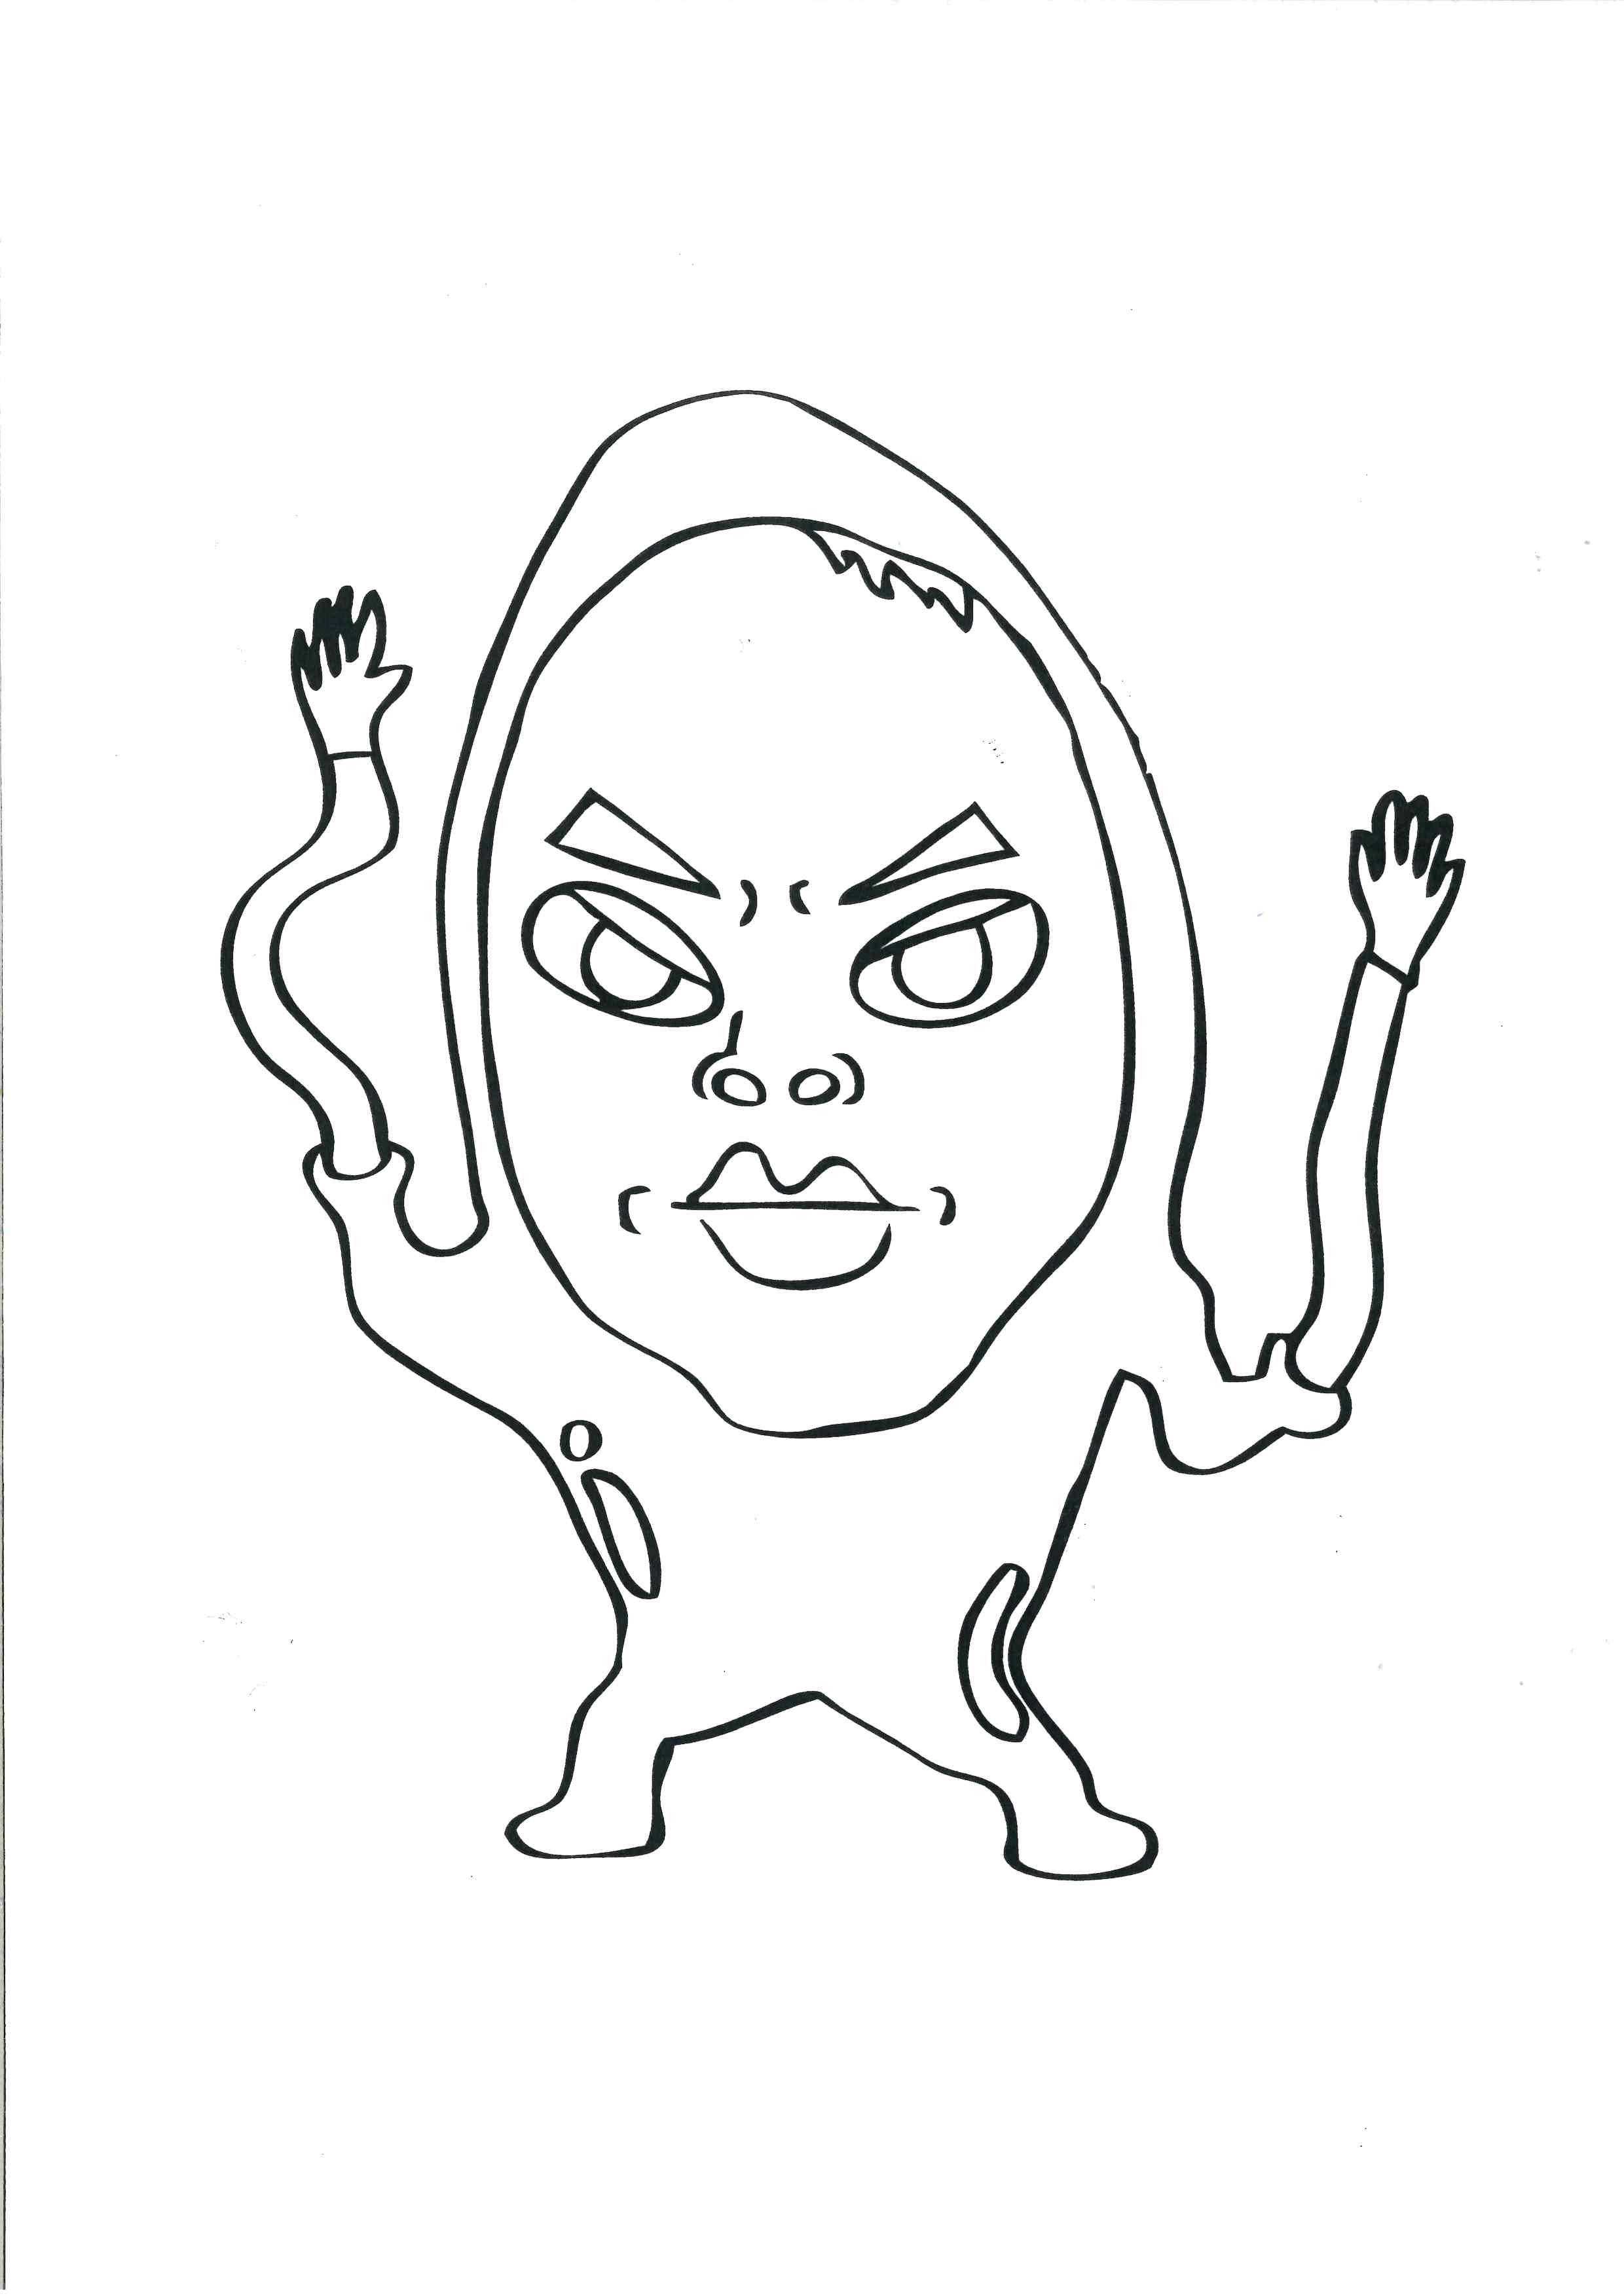 <5/18>野村卓矢&加藤拓歩追加!「#大日ぬりえ」でおうち時間を楽しもう! フランク篤先生から、おうちでできる「大日本選手ぬりえ」が公開!